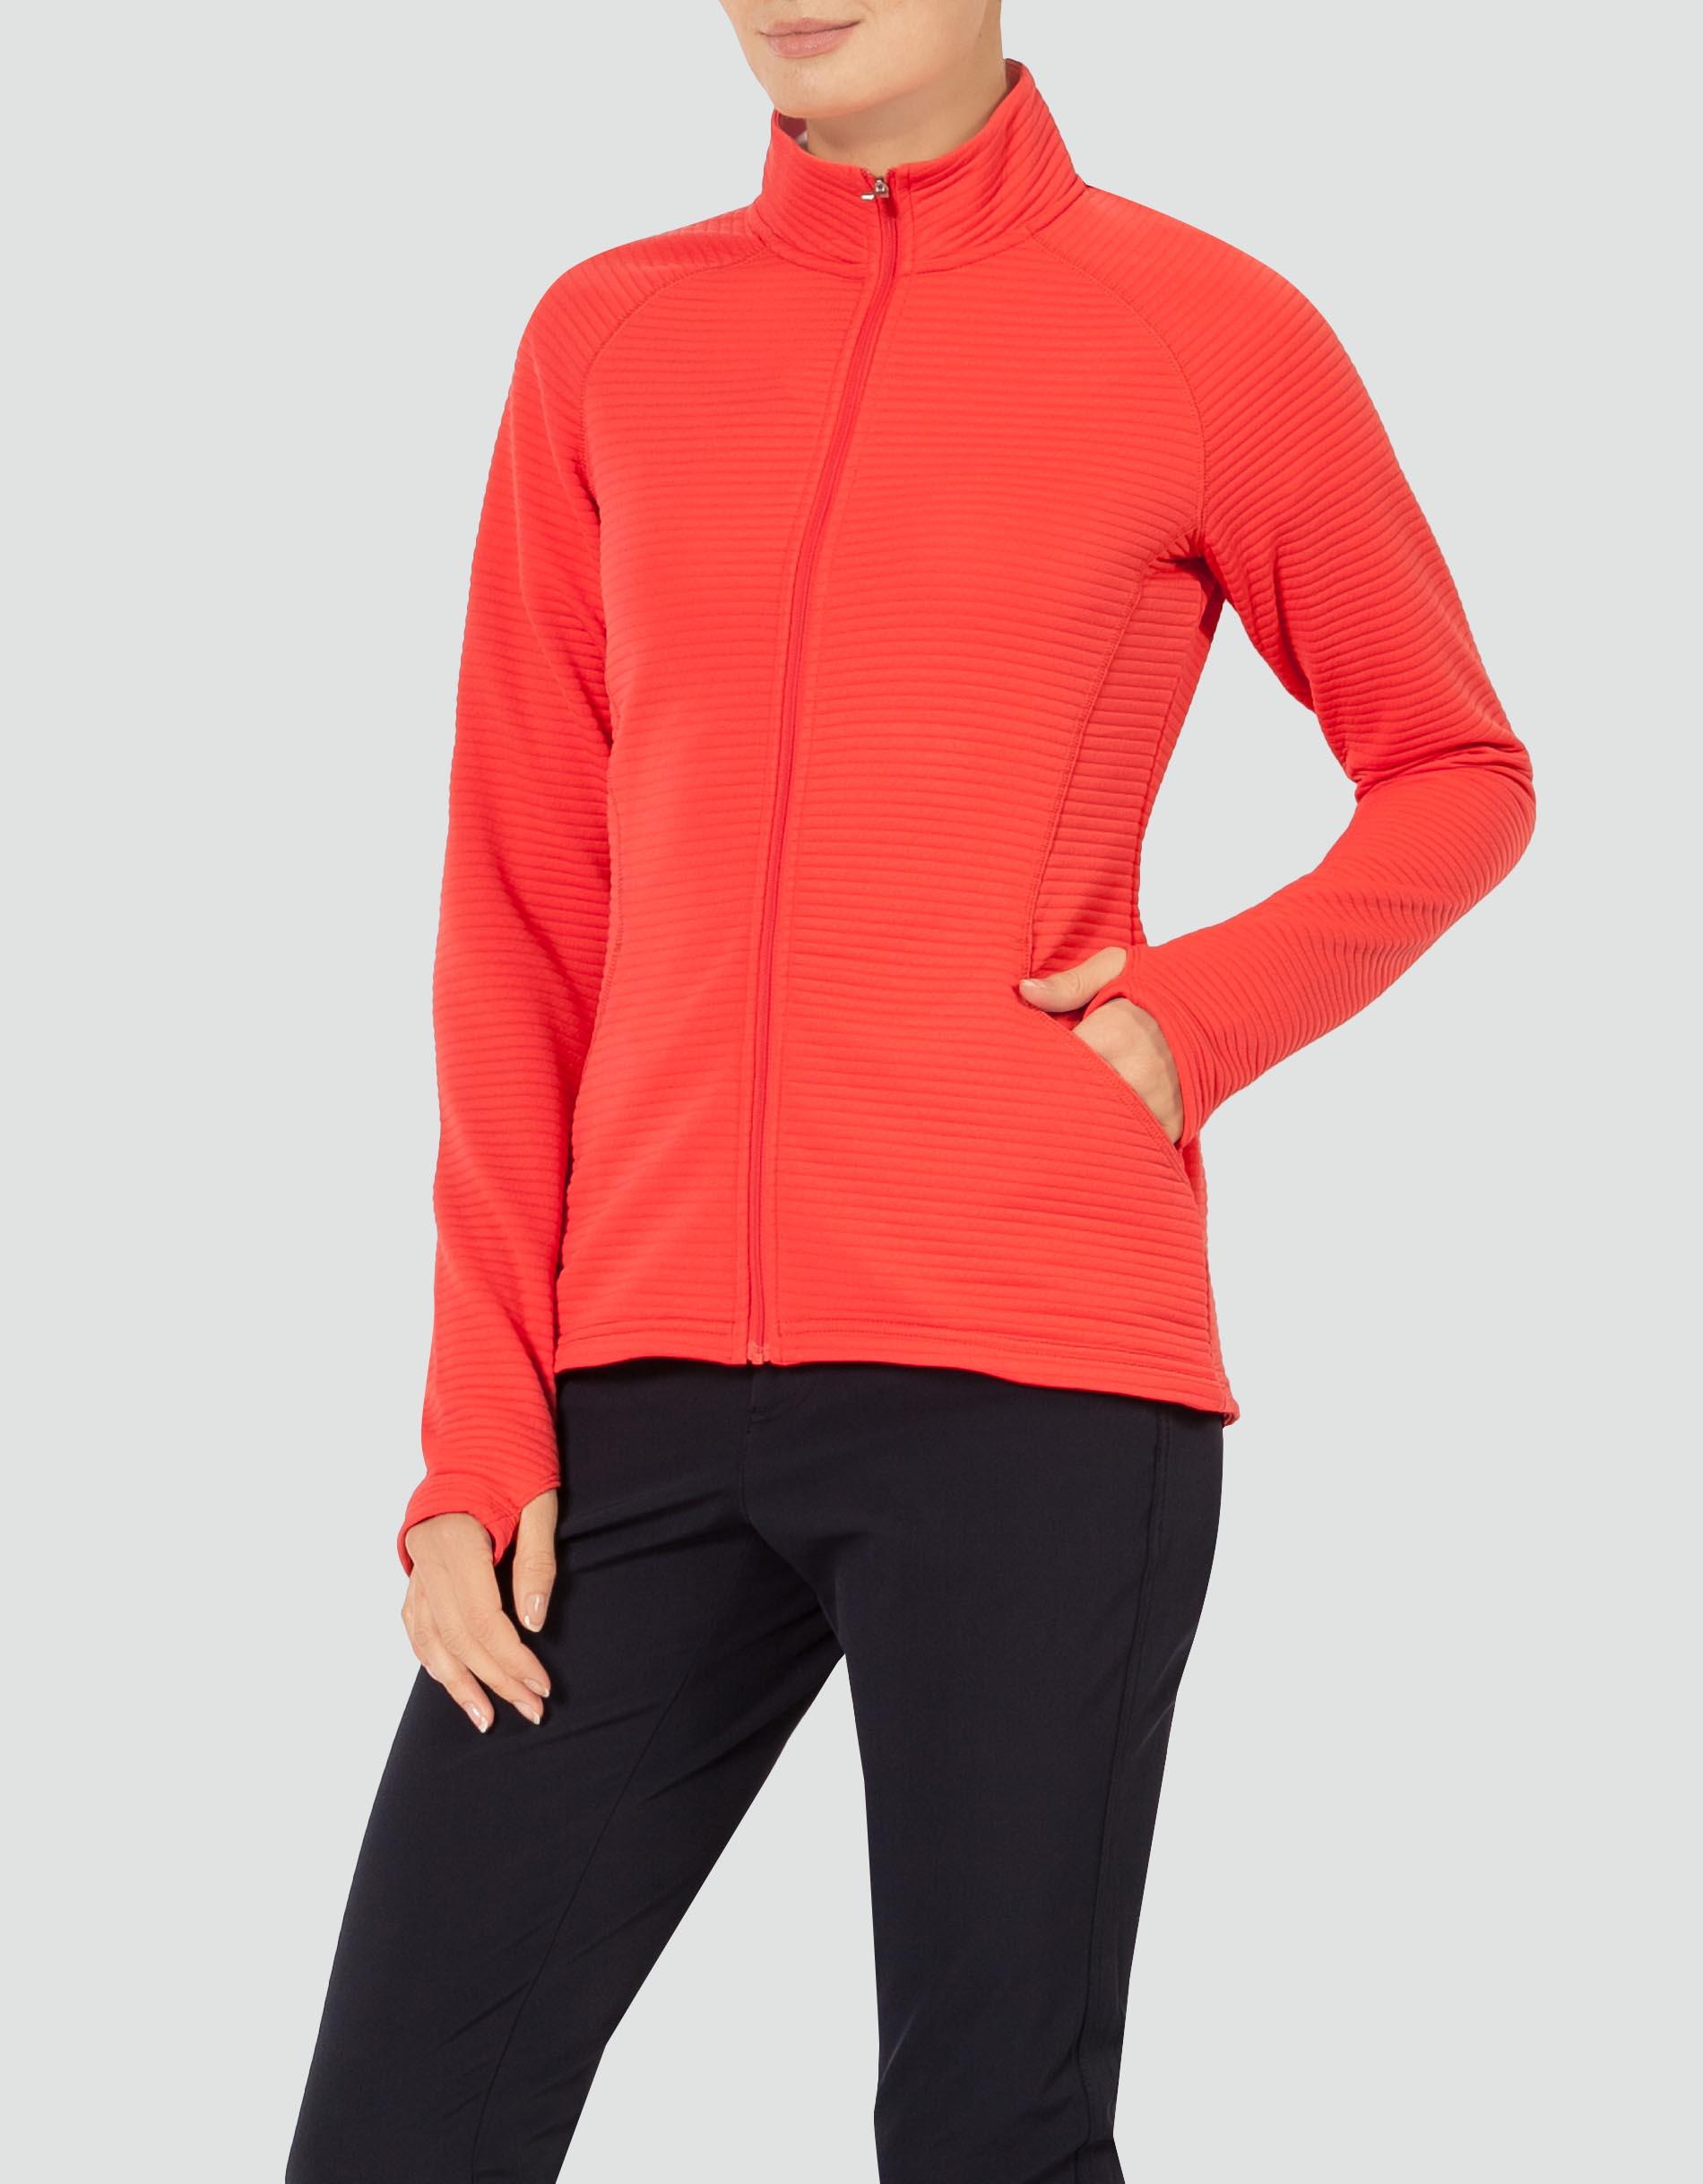 adidas Golf Damen Jacke rot mit Rippenstruktur empfohlen von